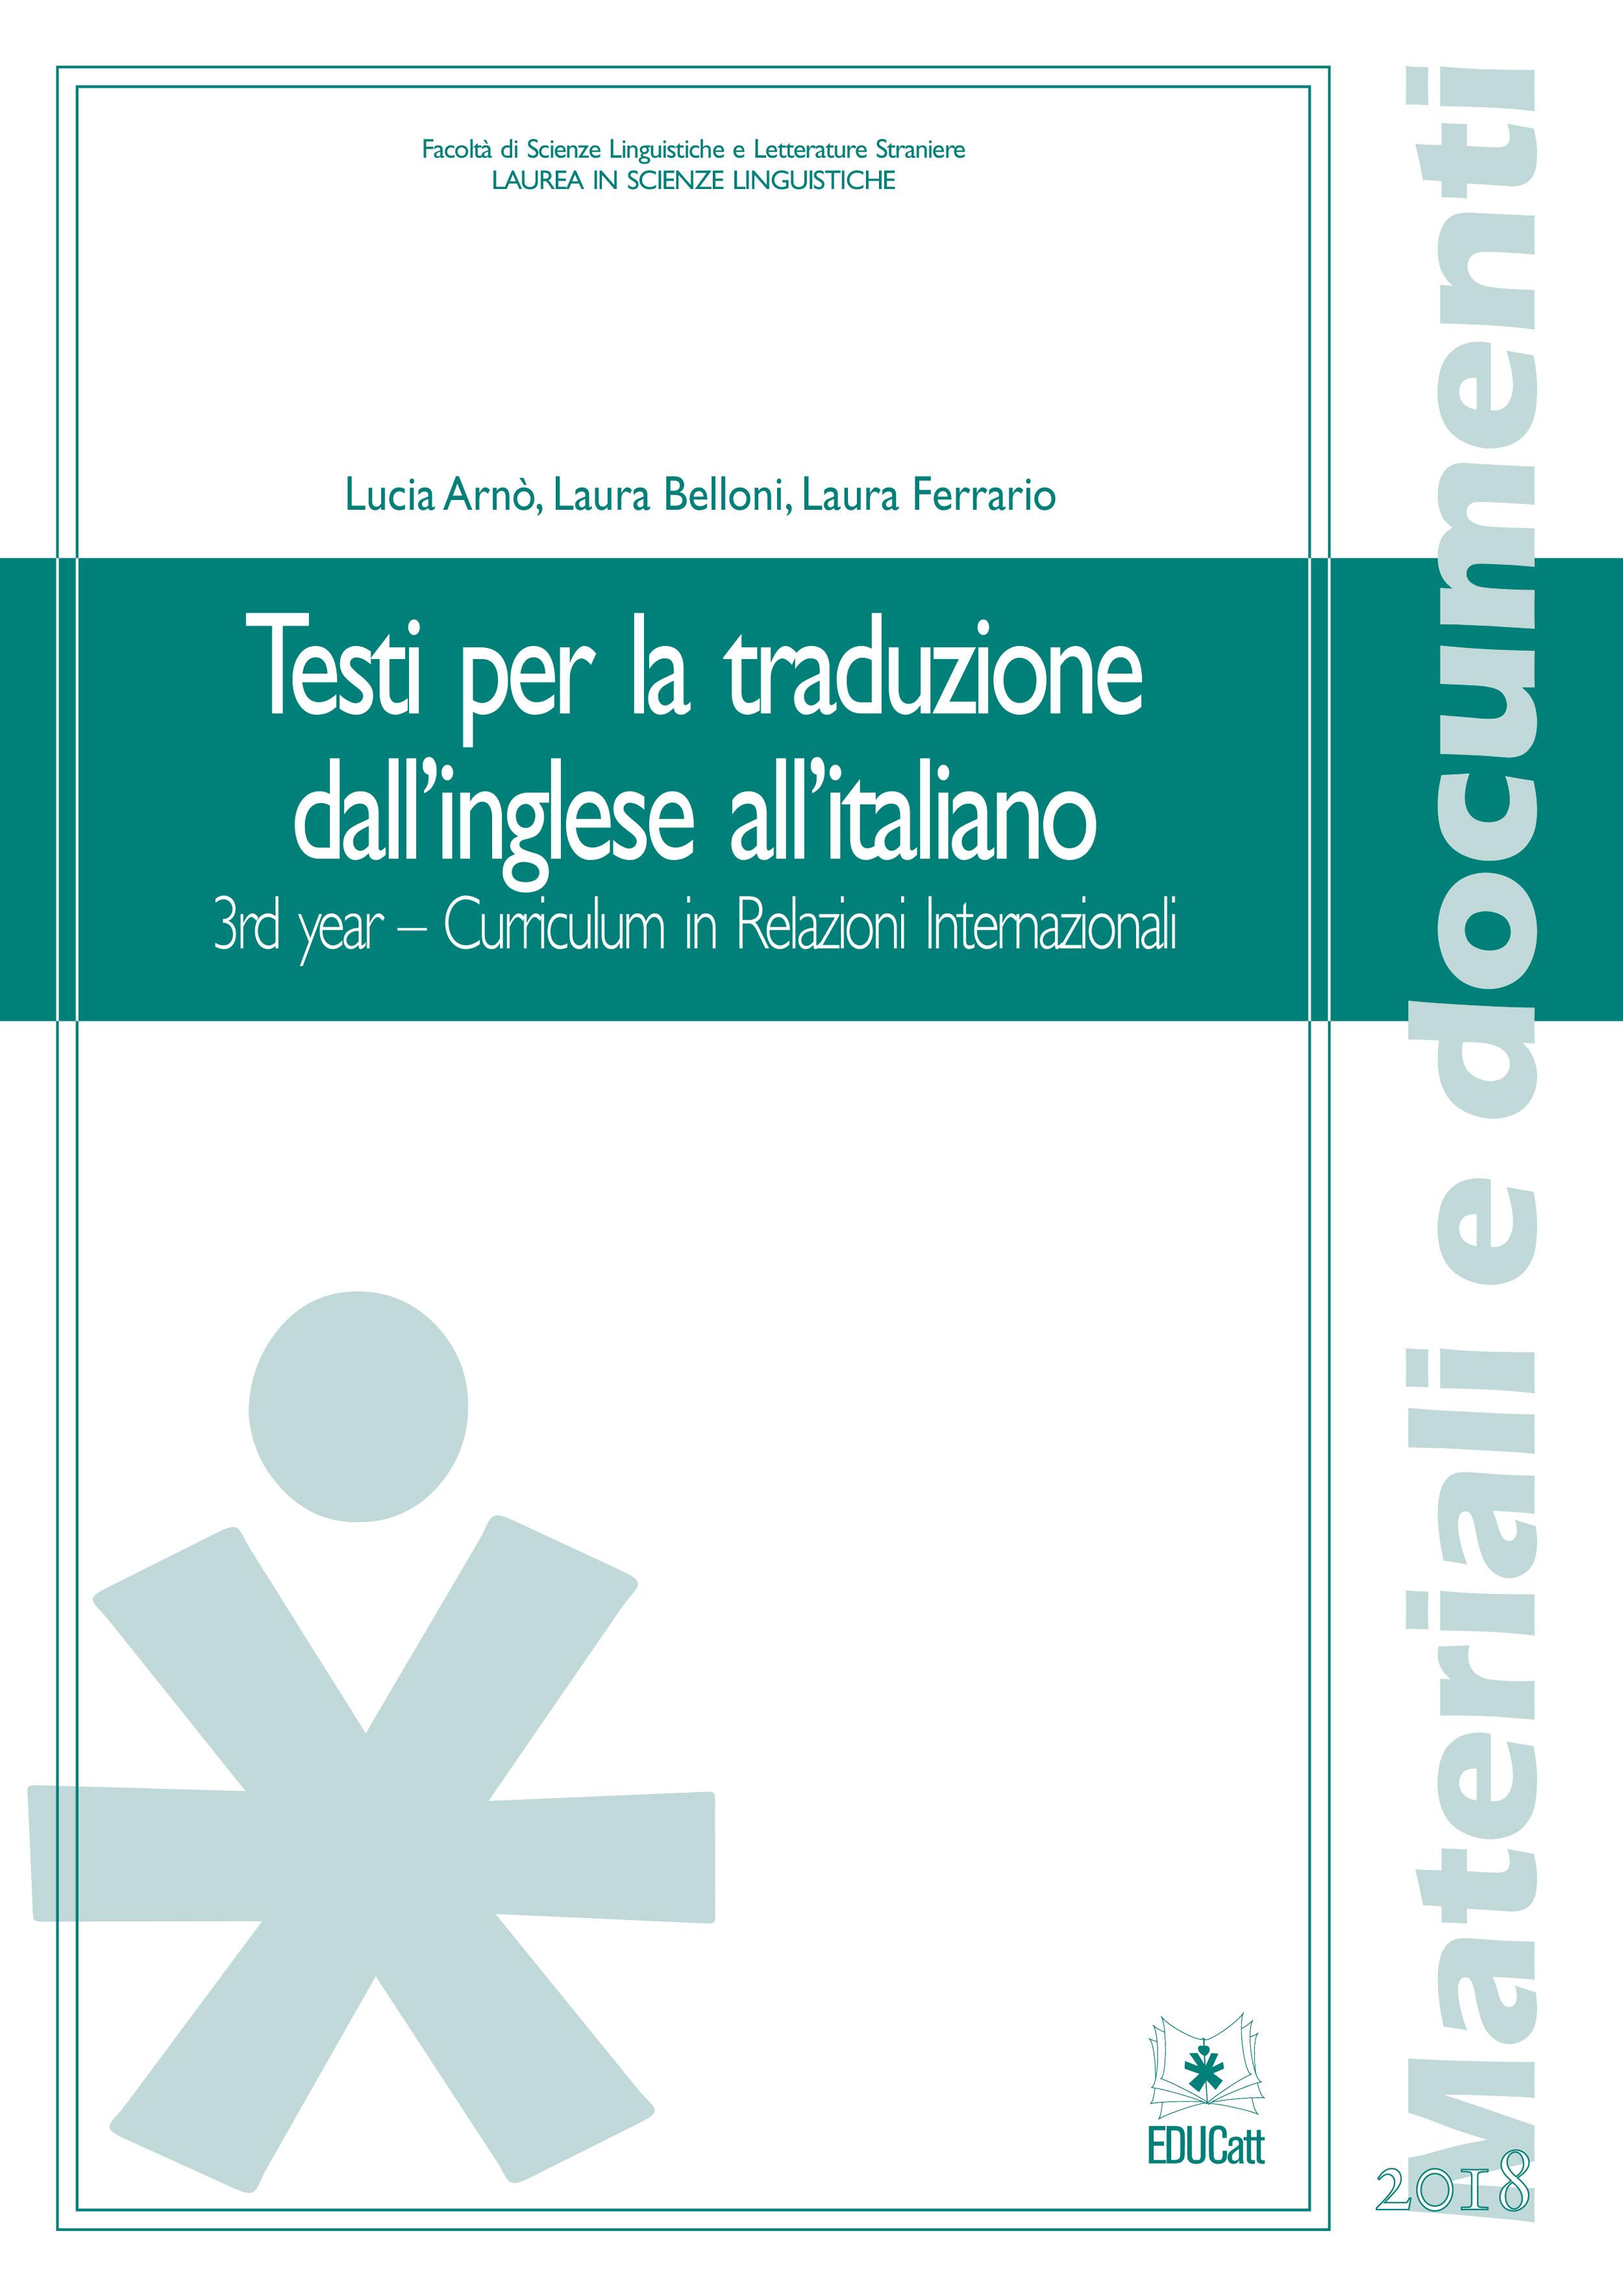 TESTI PER LA TRADUZIONE DALL'INGLESE ALL'ITALIANO 3RD YEAR - CURRICULUM IN RELAZIONI INTERNAZIONALI